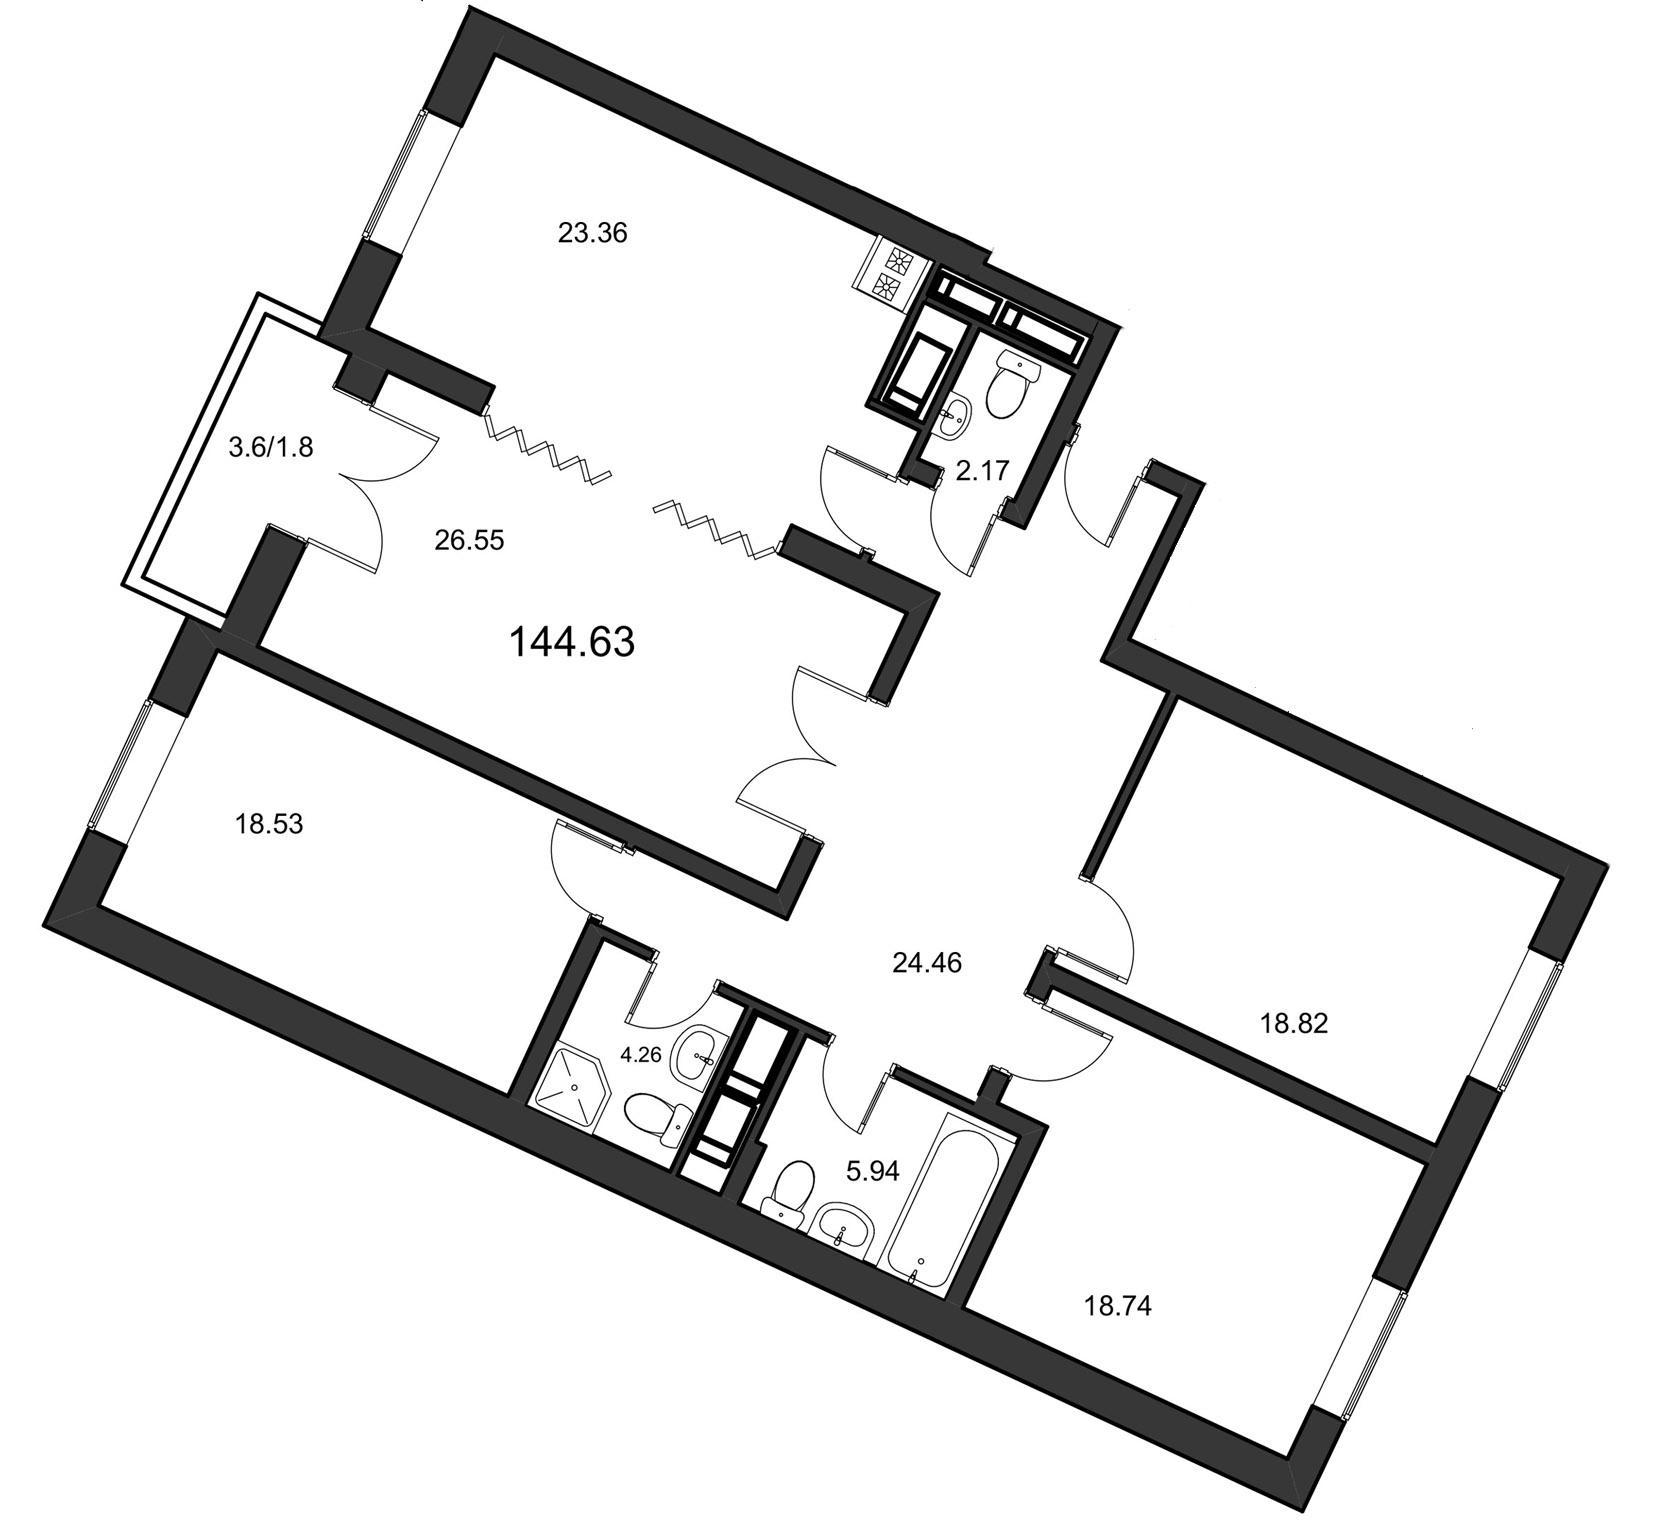 Планировка Четырёхкомнатная квартира площадью 144.63 кв.м в ЖК «Leningrad»